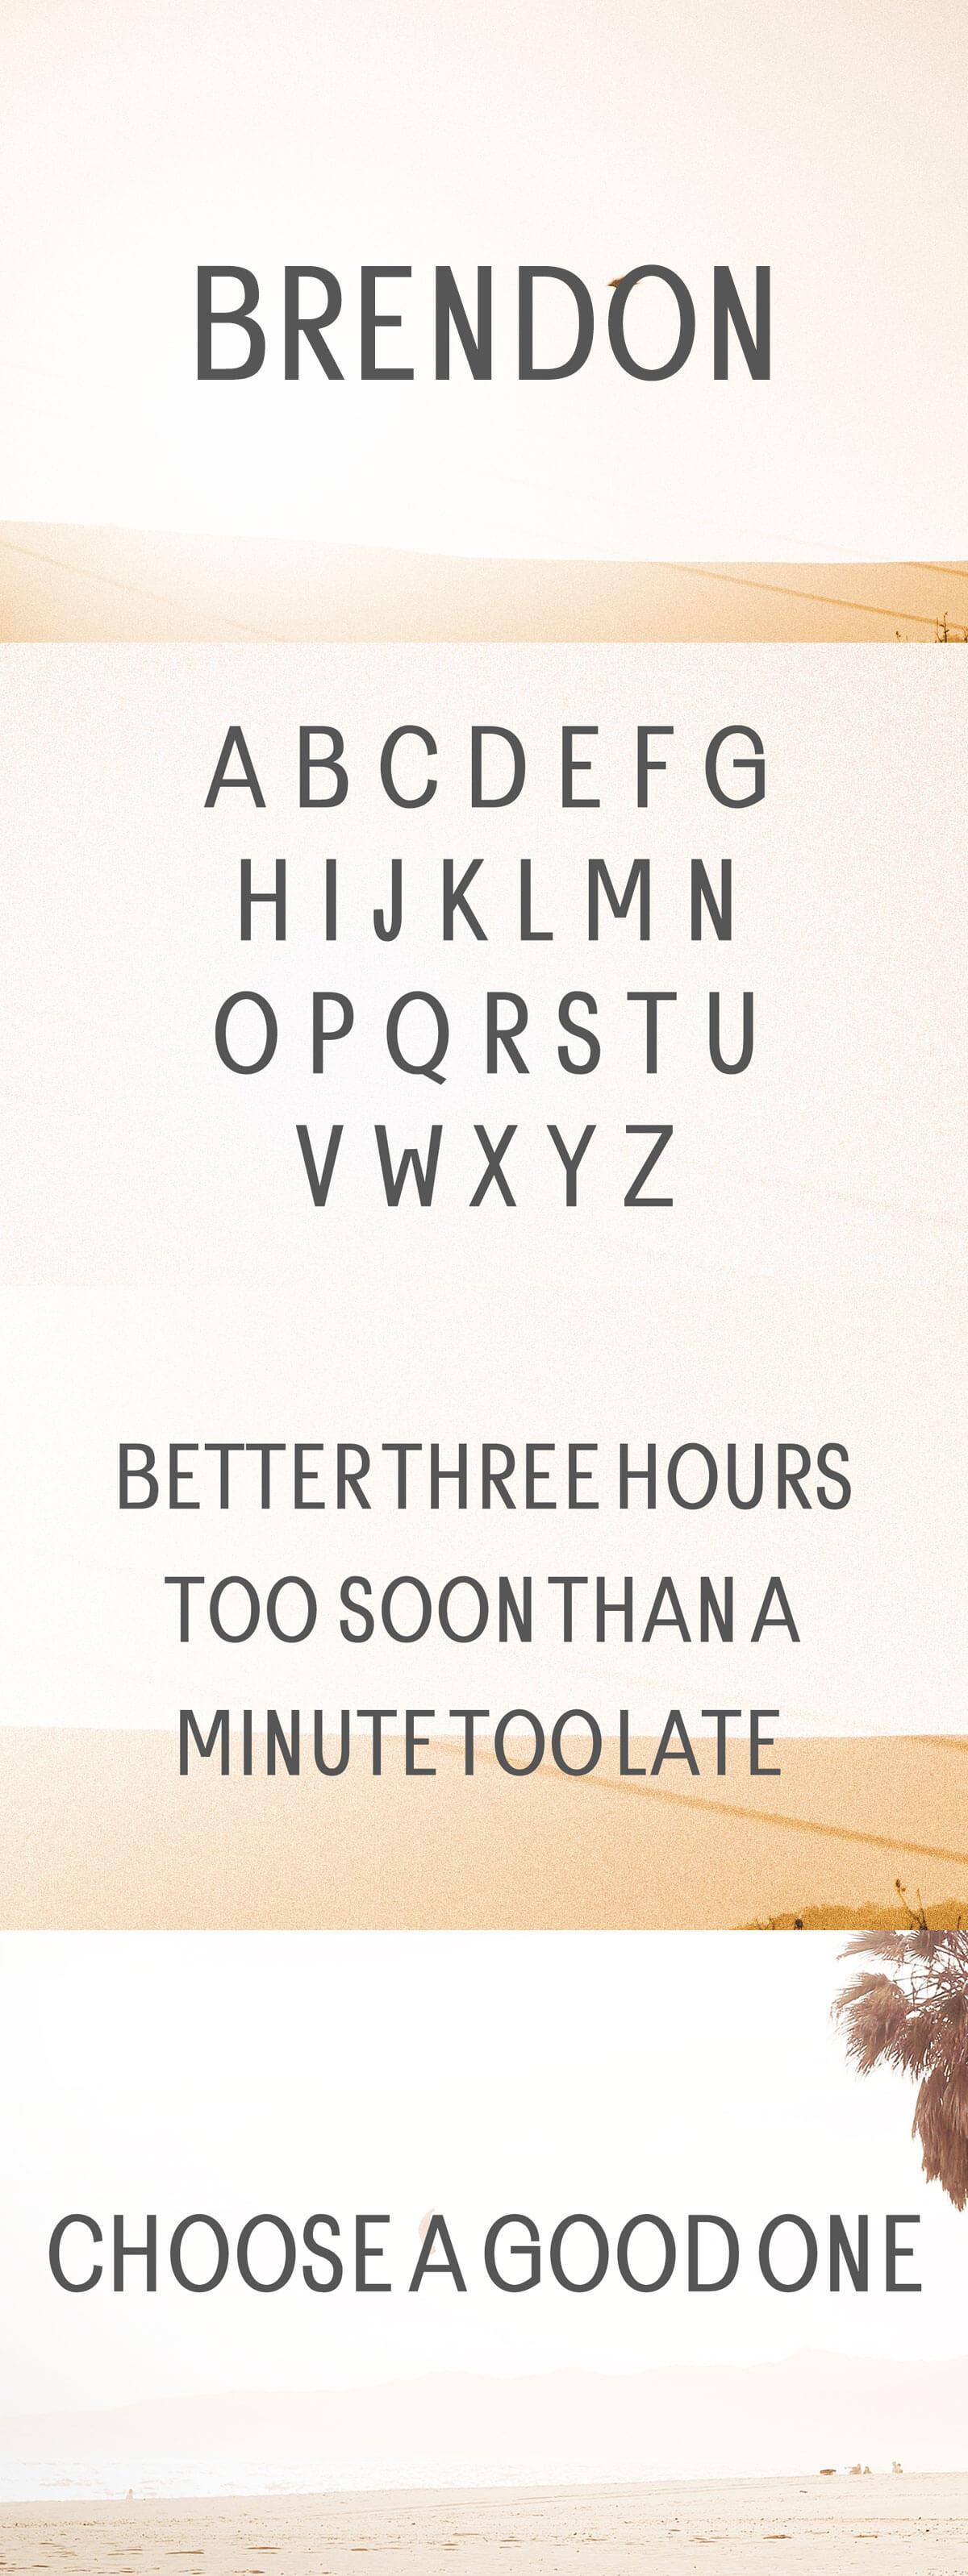 Free Brendon Sans Serif Font